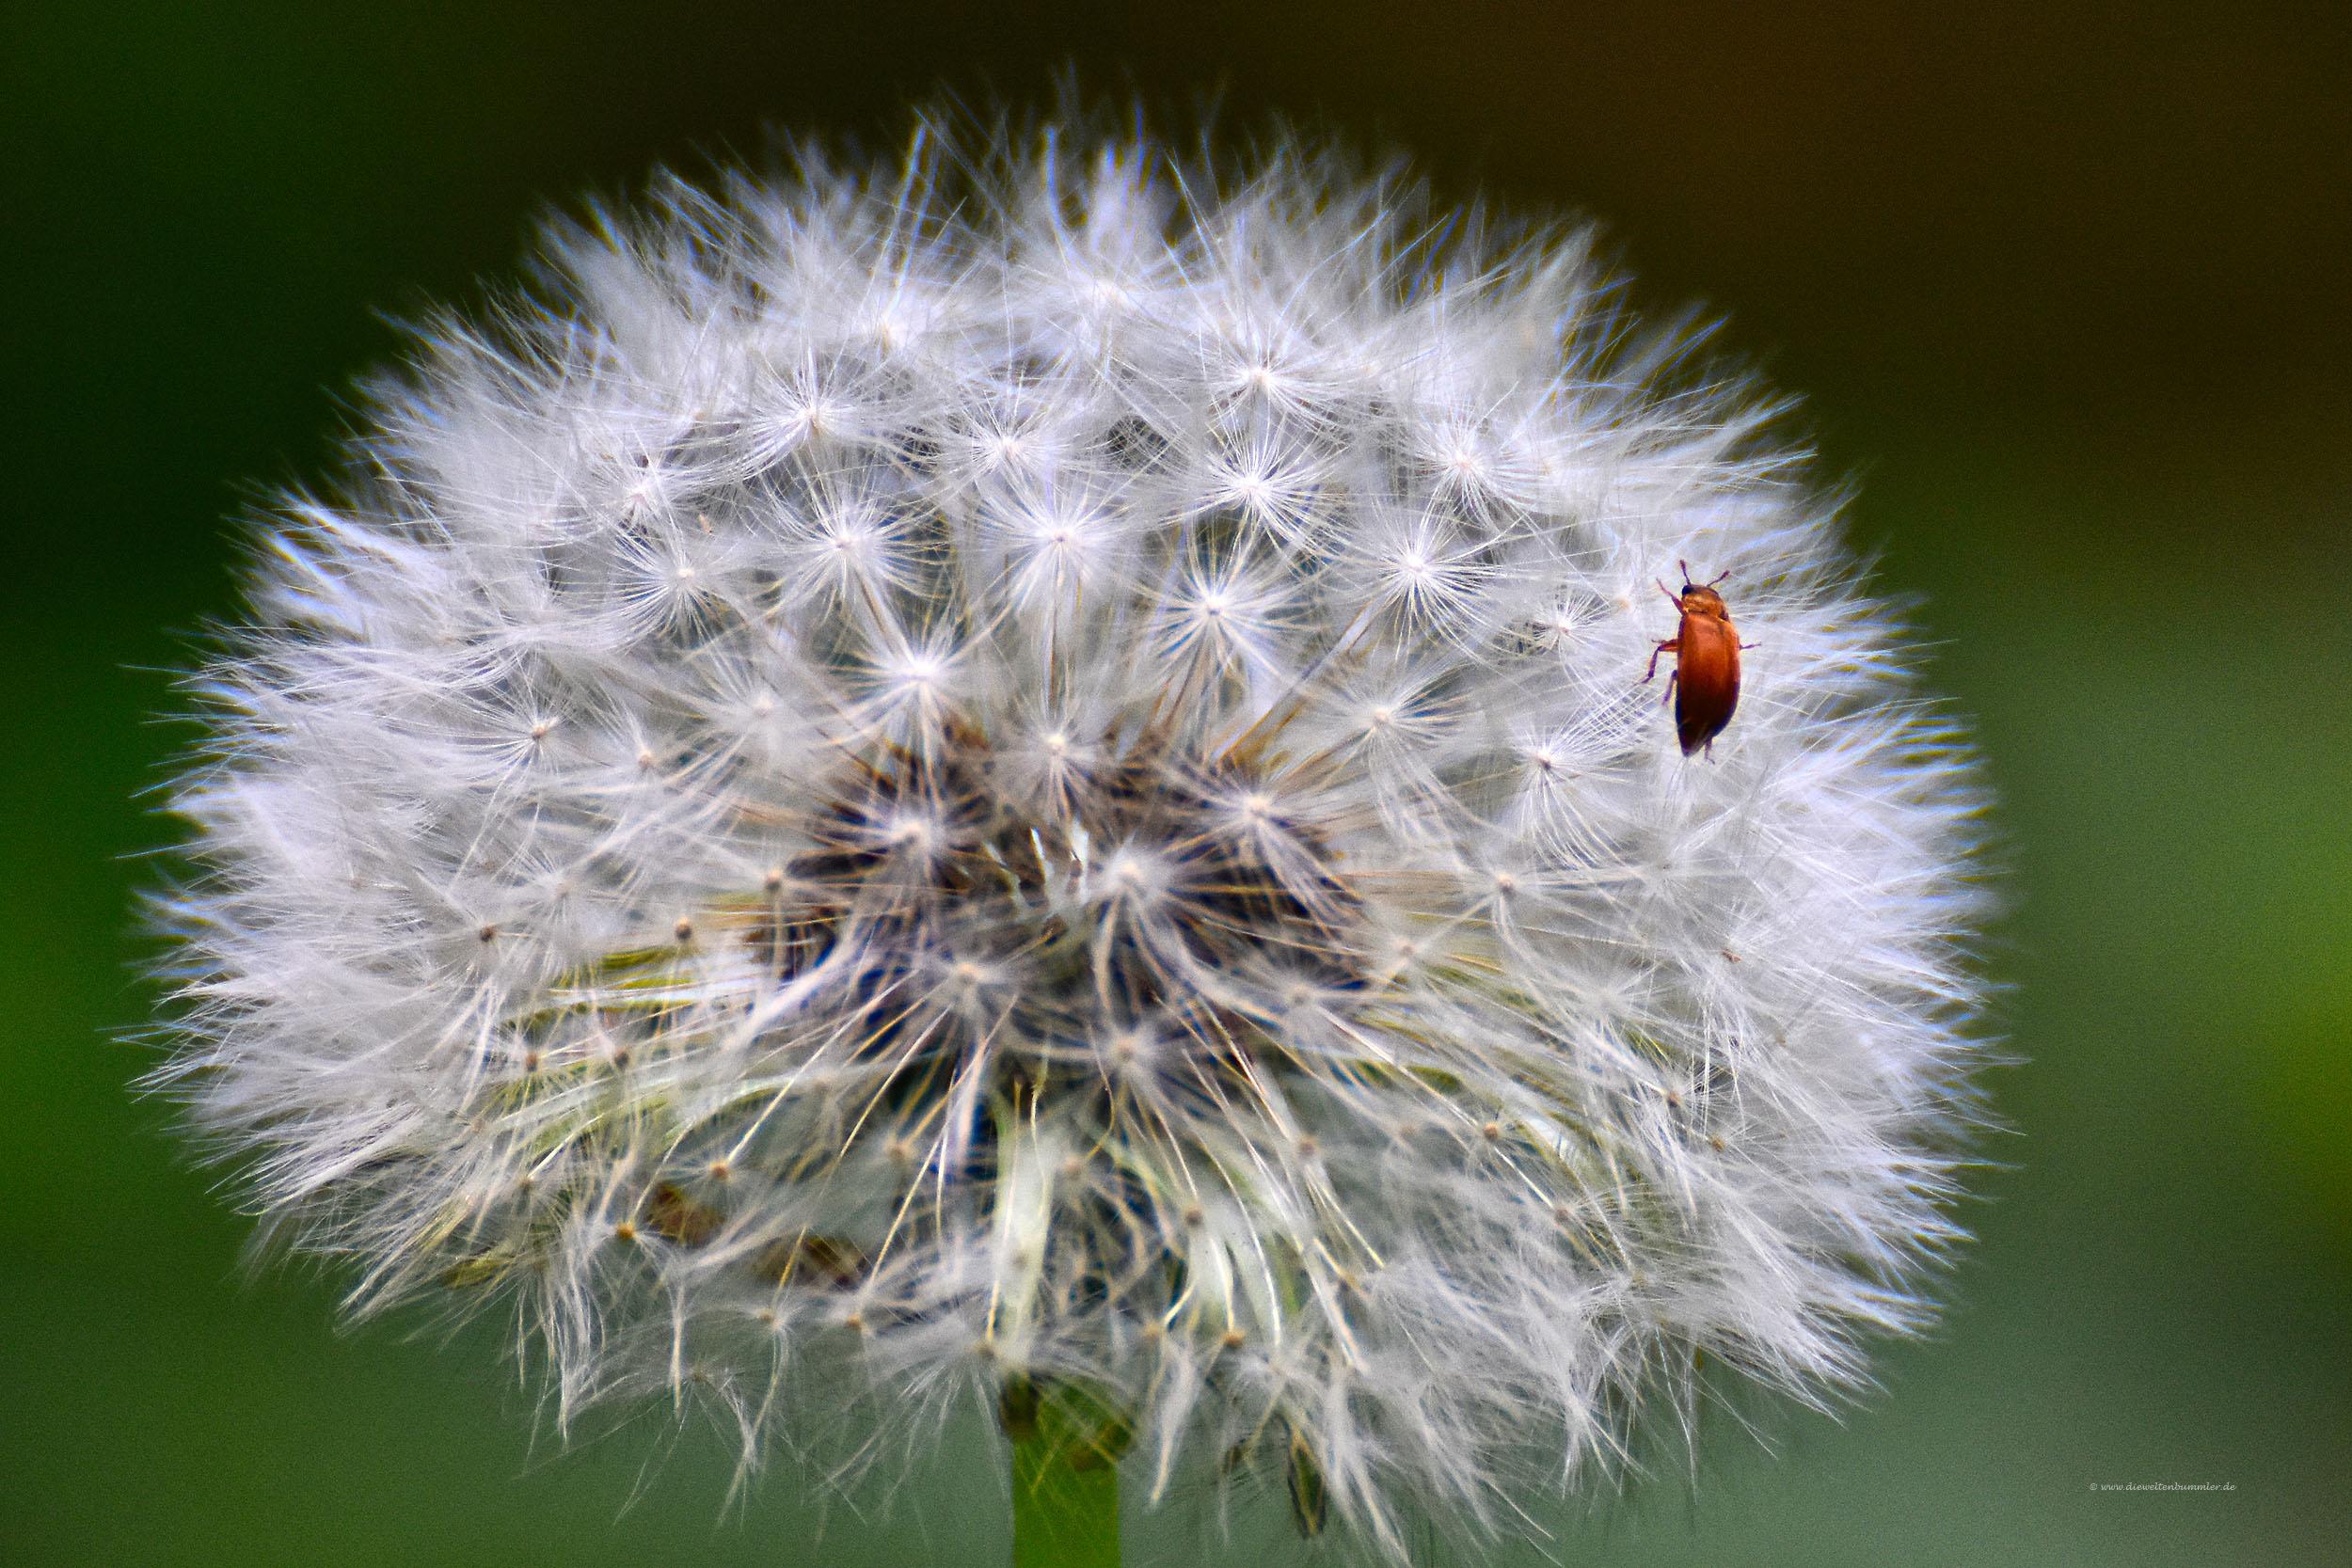 Der Käfer krabbelt über die Pusteblume